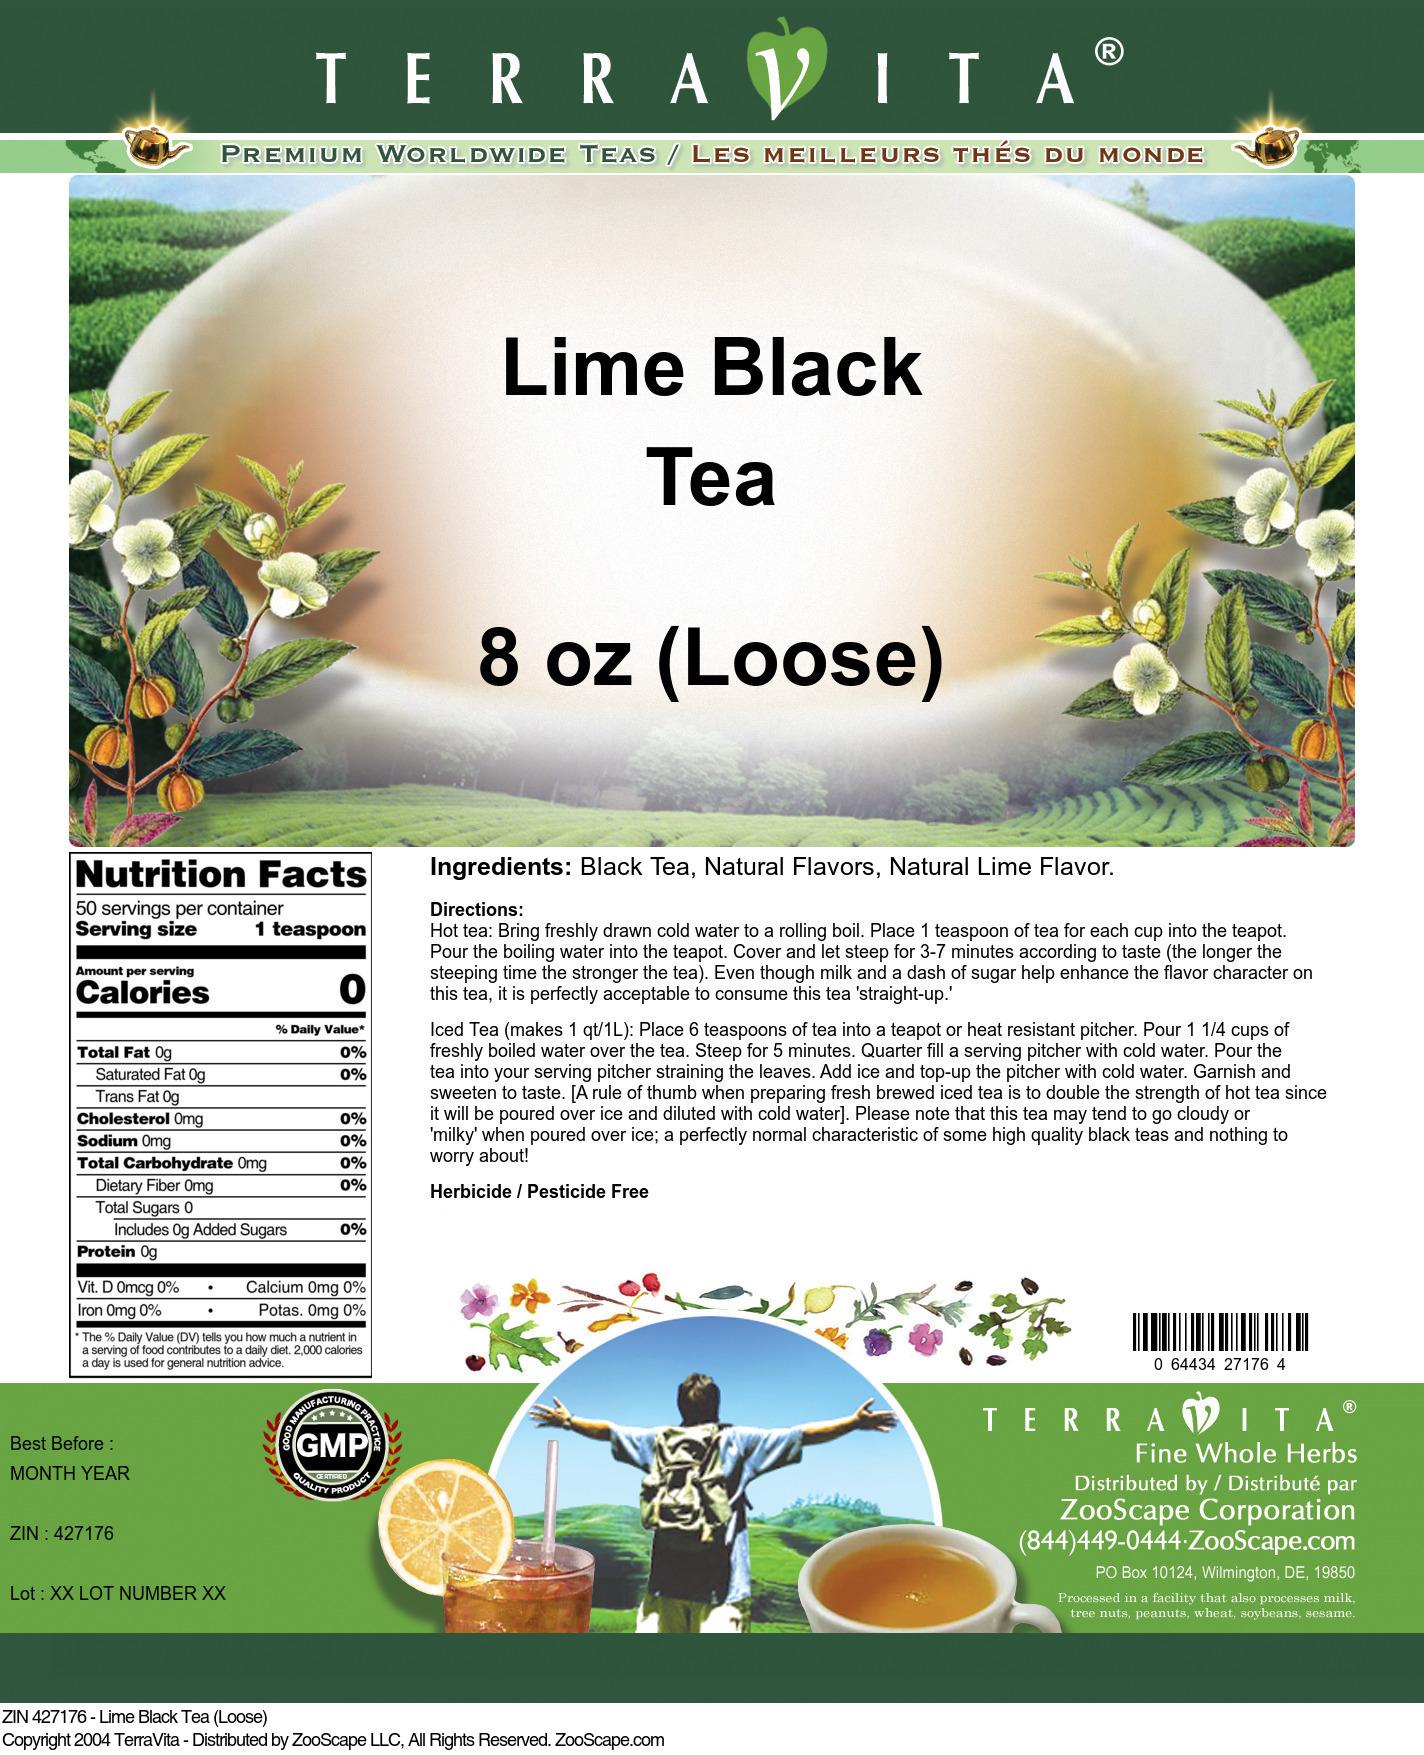 Lime Black Tea (Loose)